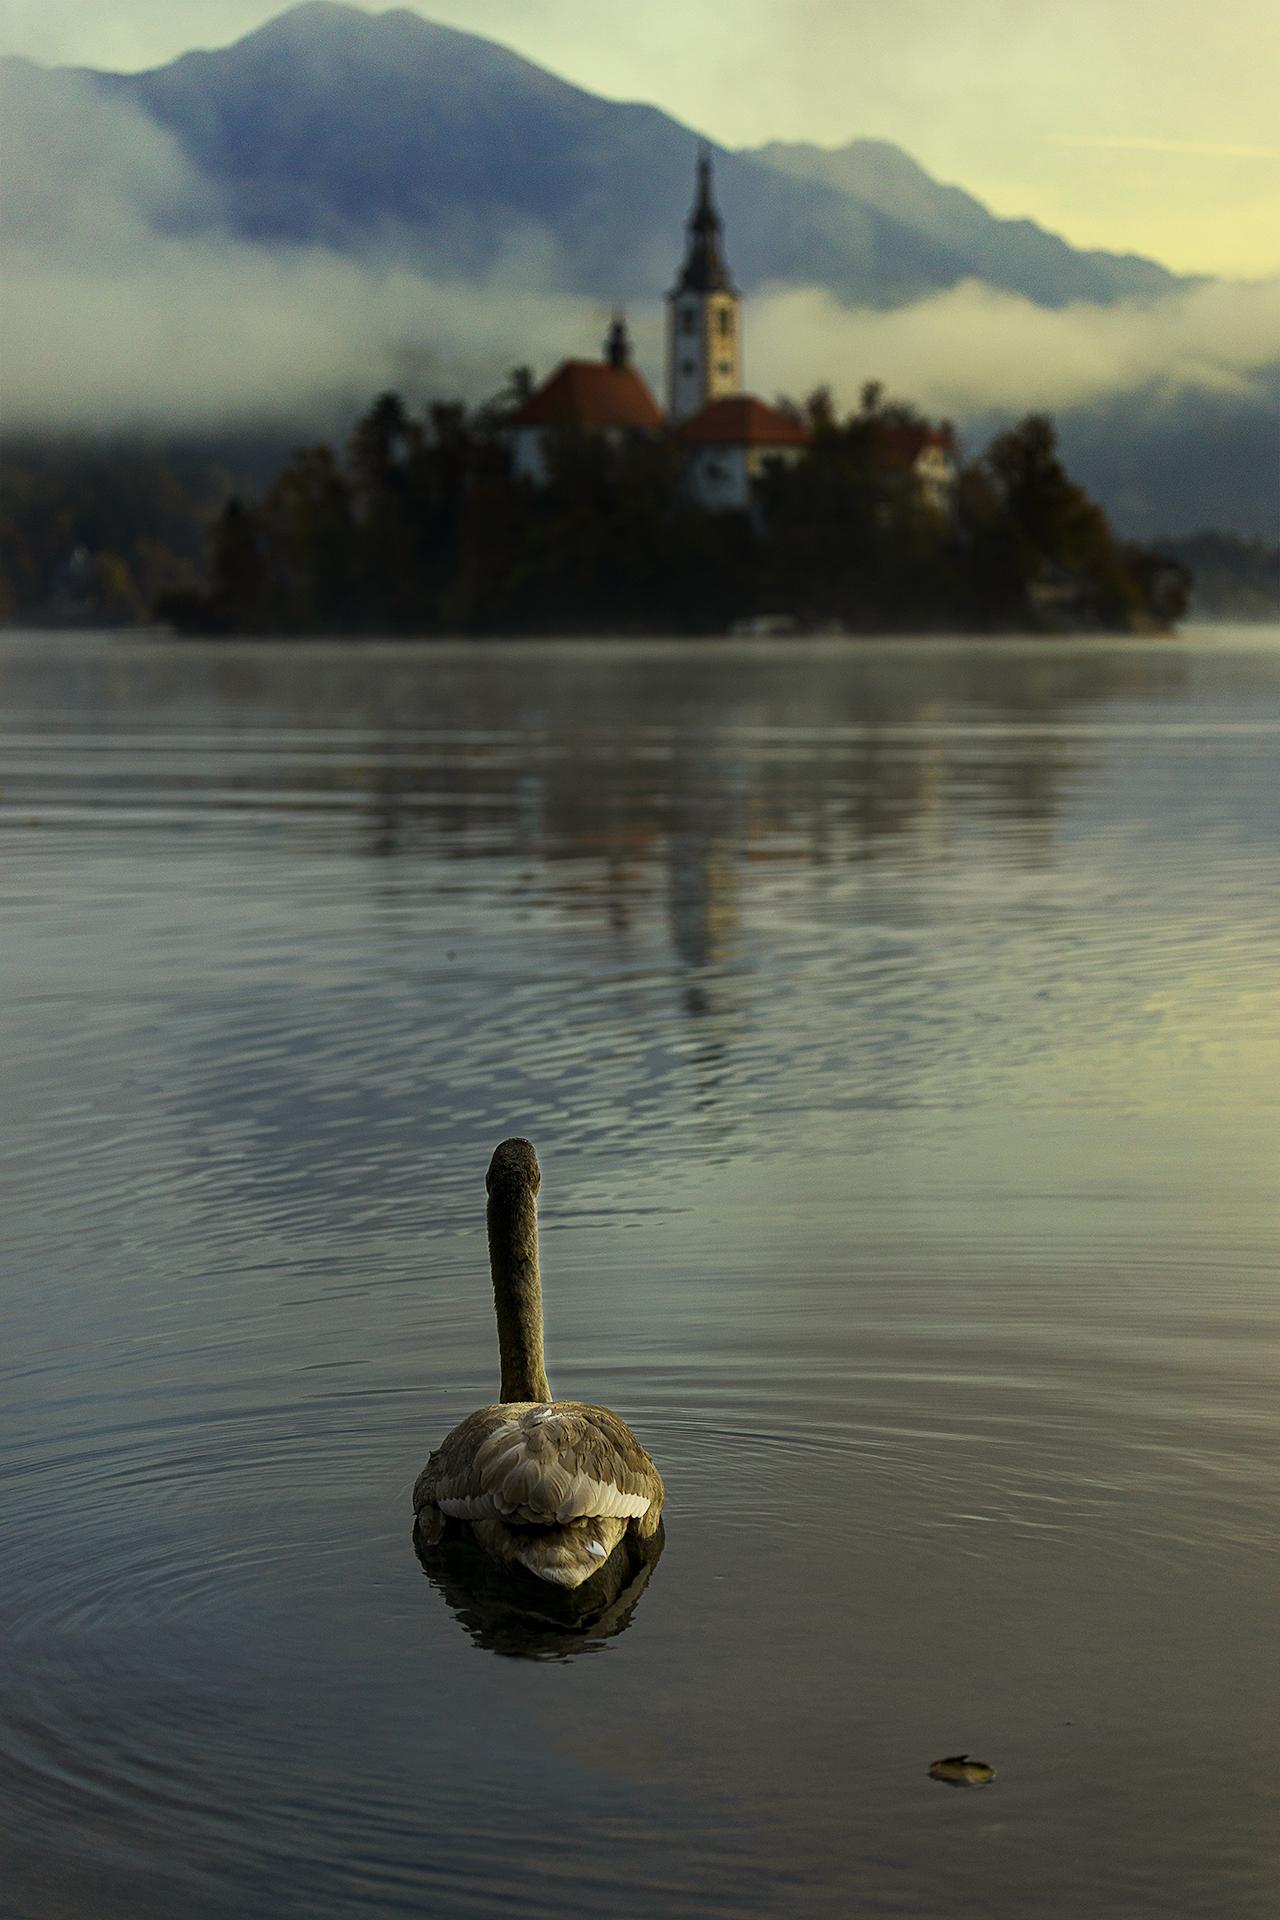 A look at the lake...